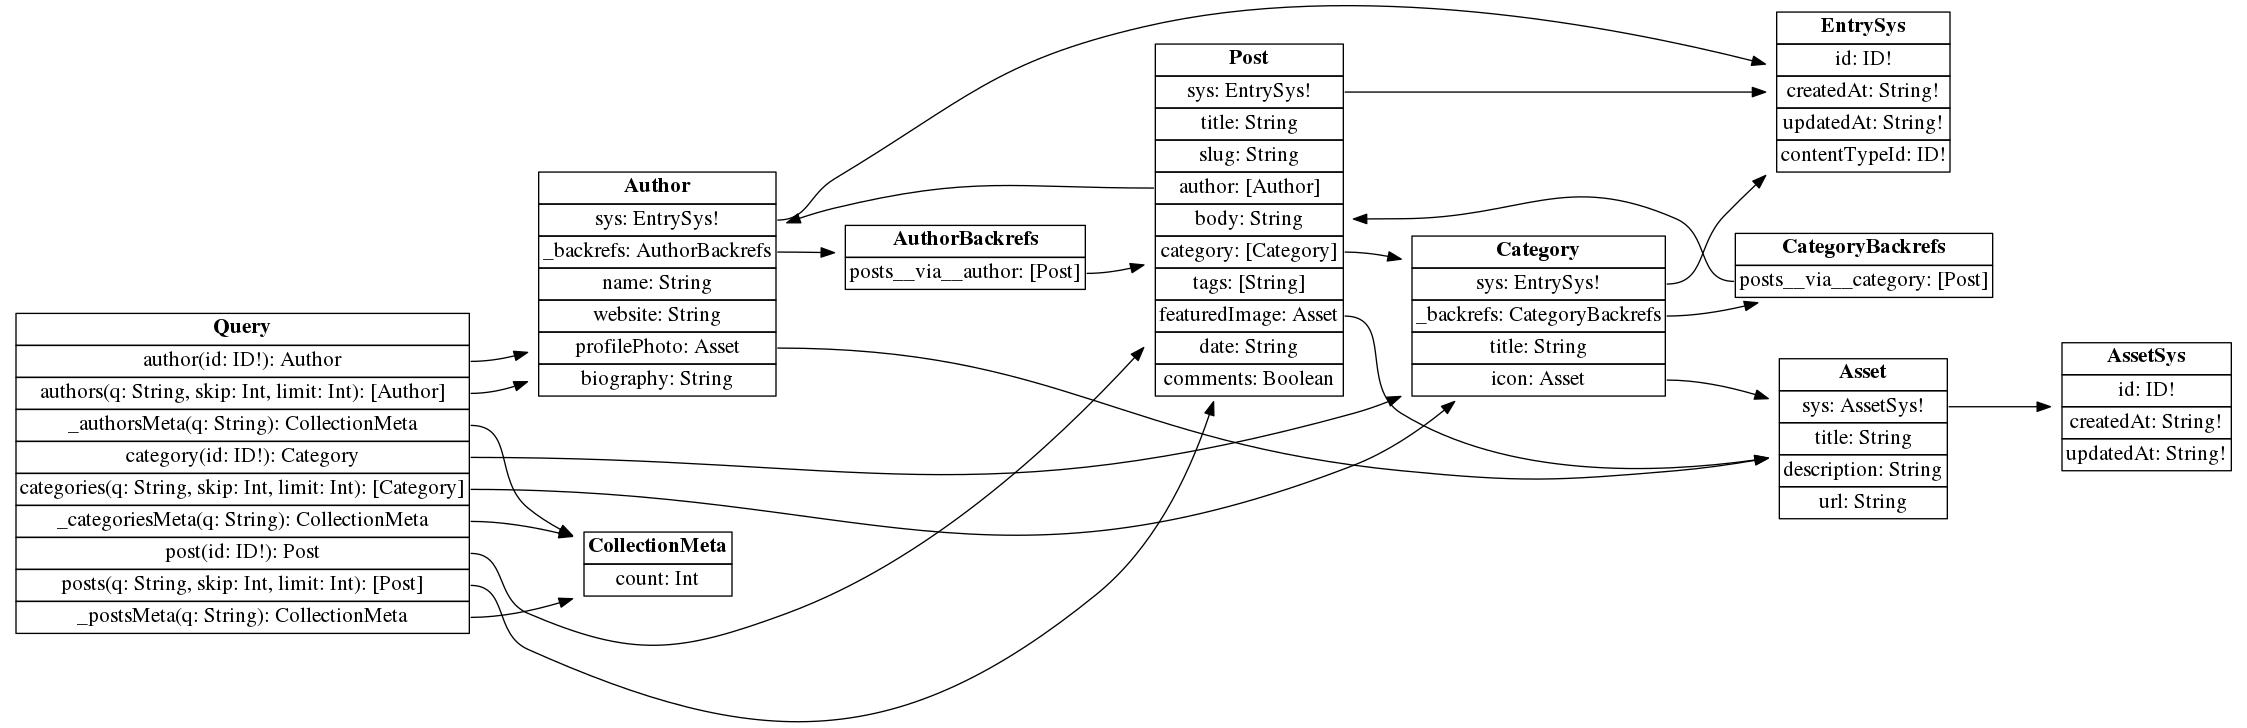 Demo space graph